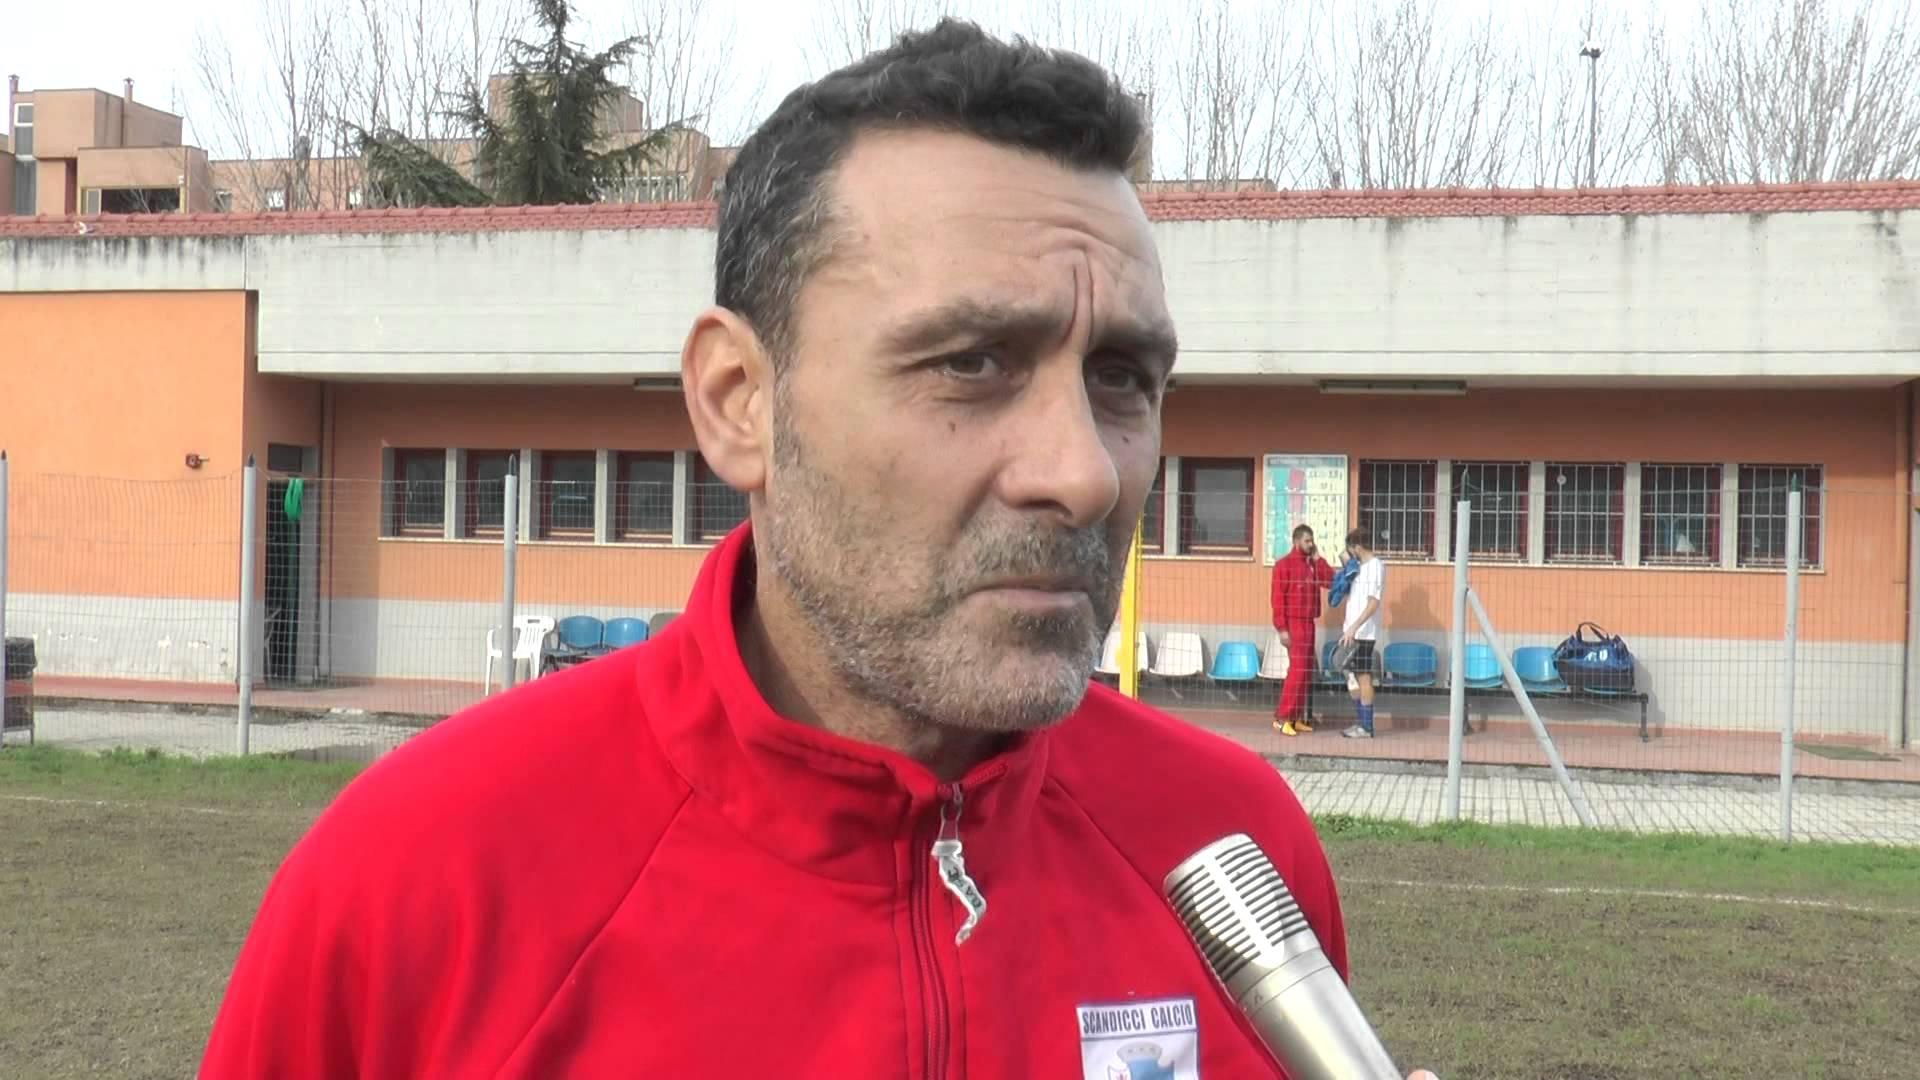 """Baiano: """"Rivalità con il Napoli? Nulla in confronto alla Juve. I tifosi mi fecero segnare due date…"""""""